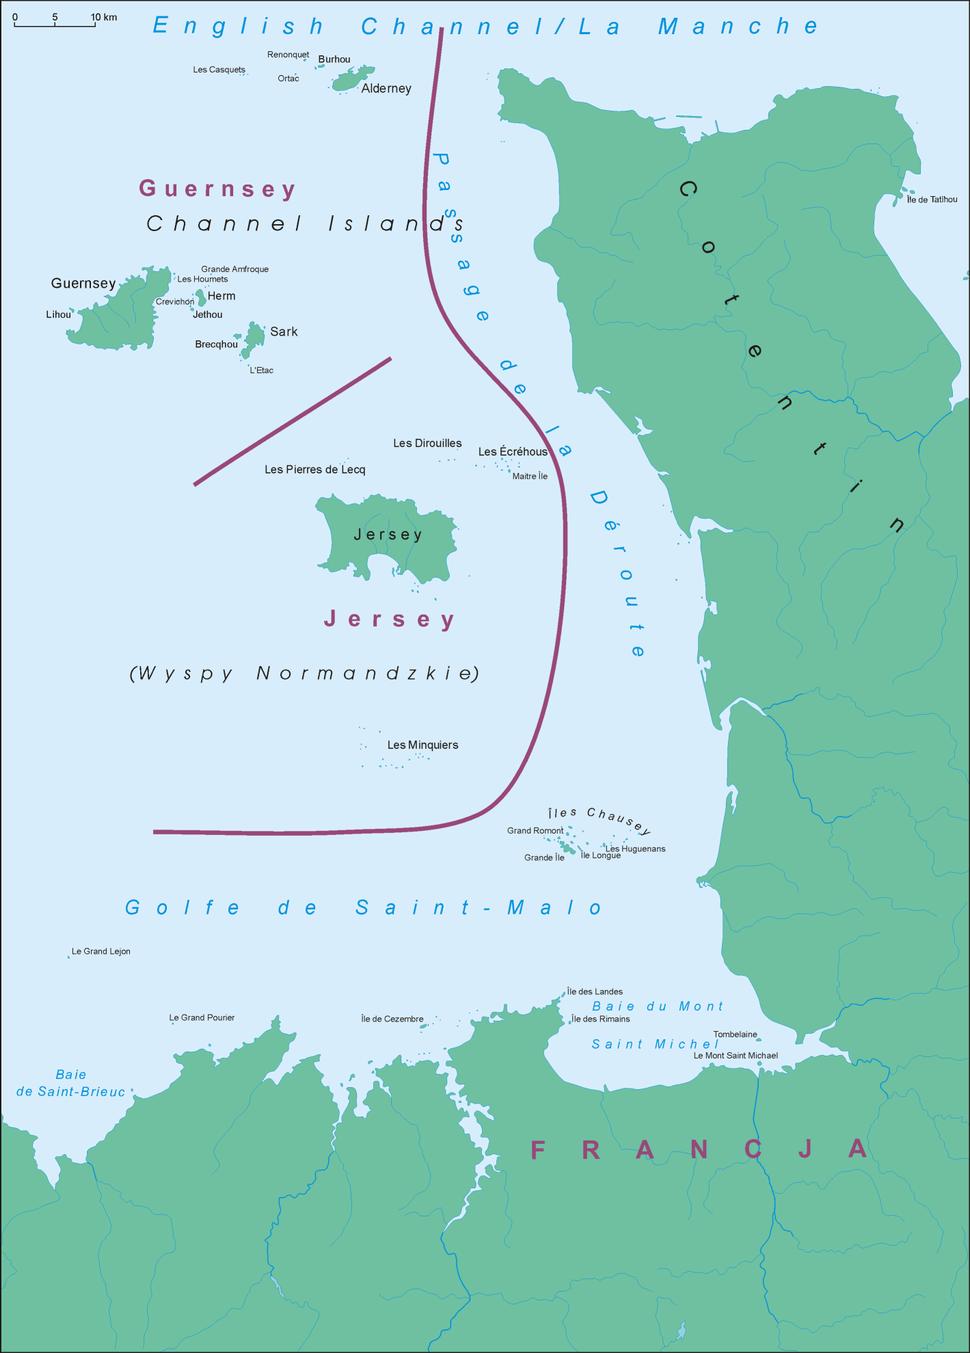 Wyspy Normandzkie